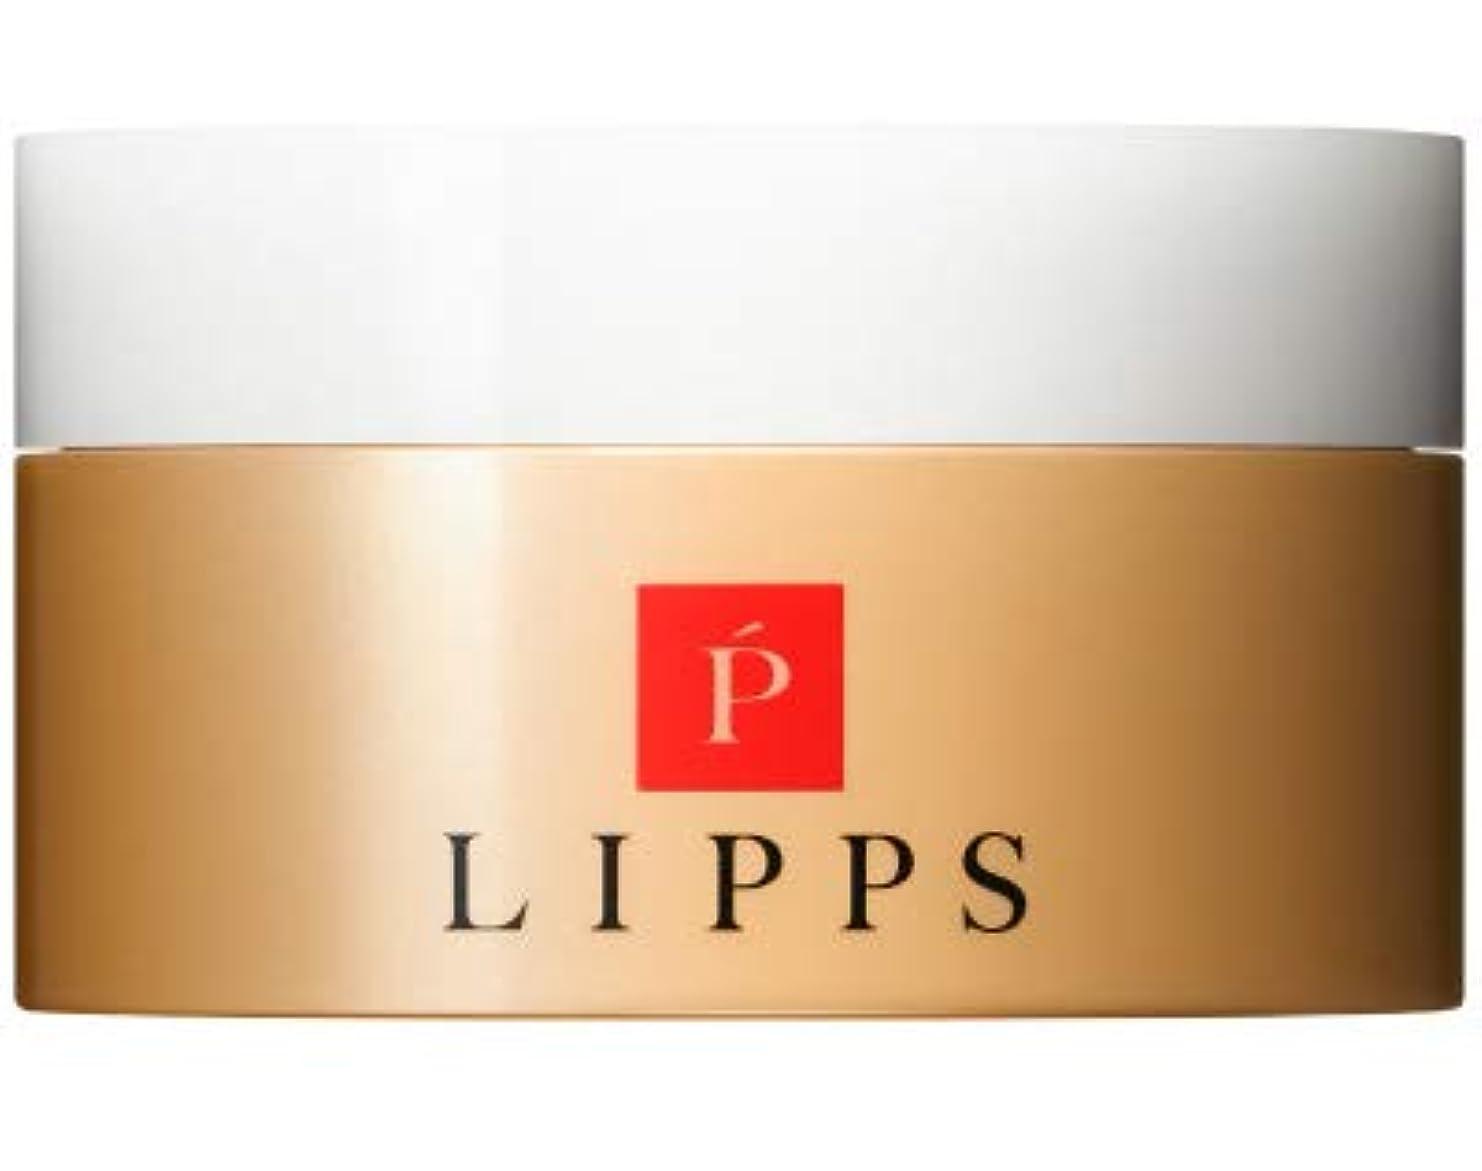 透過性ゆりかご人物【ふわっと動く×自由自在な束感】LIPPS L12フリーキープワックス (85g)